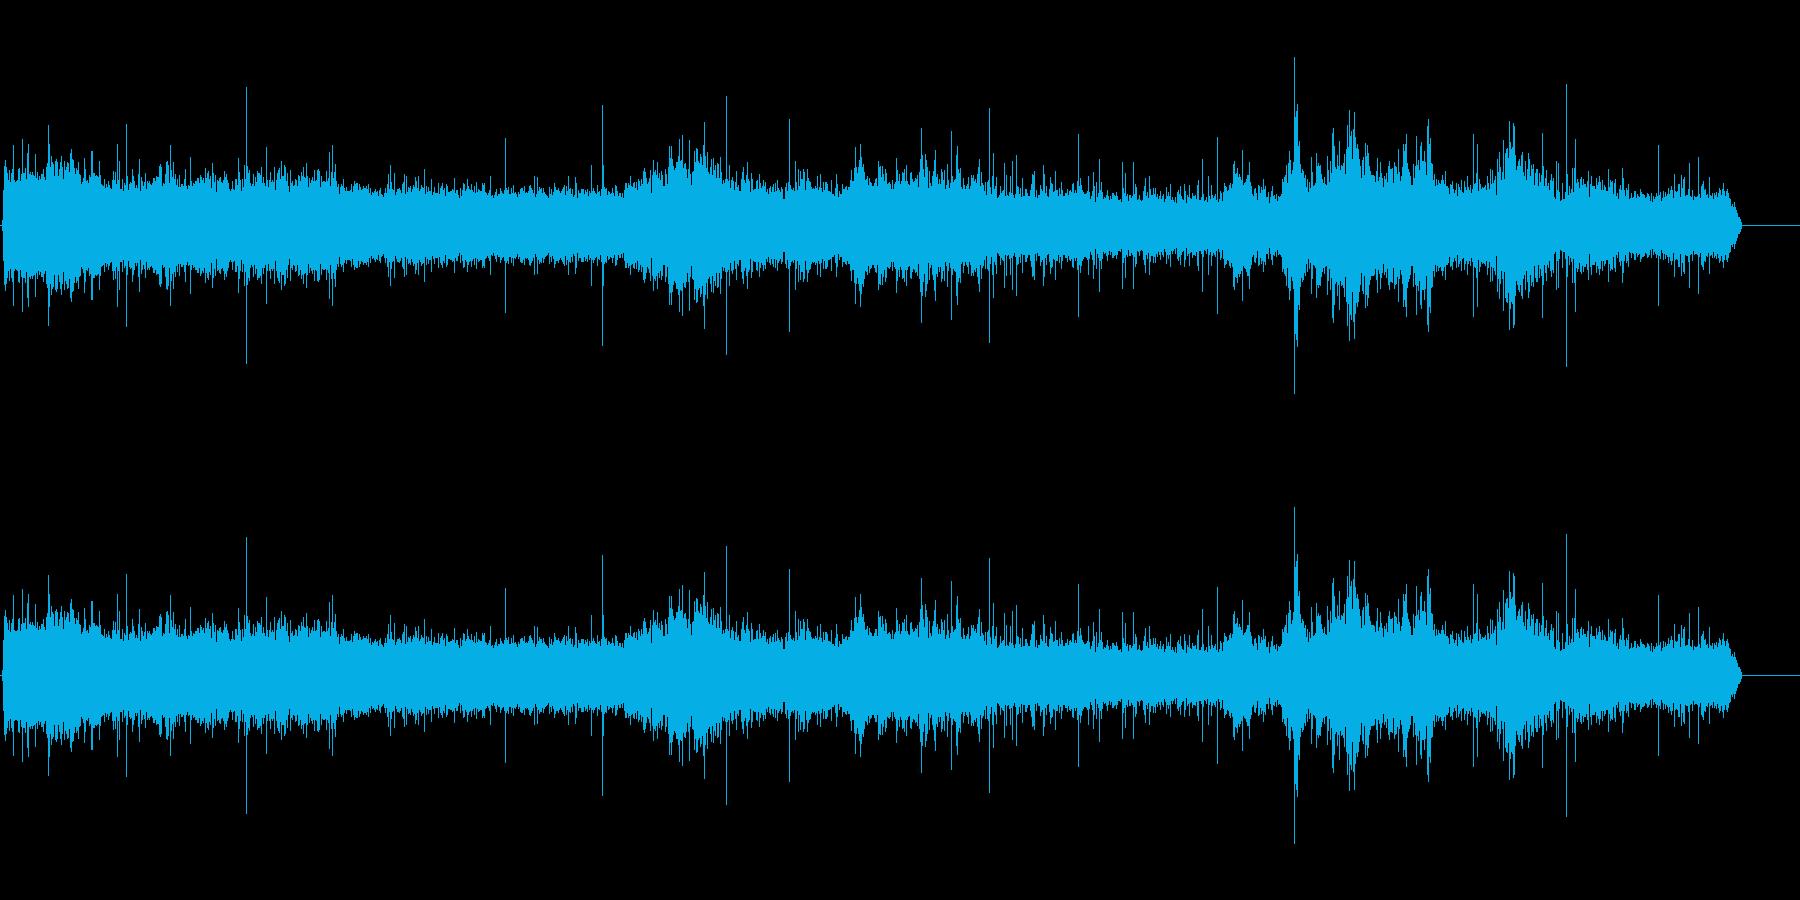 大雨と雷の混ざったSE(ザーザー)の再生済みの波形